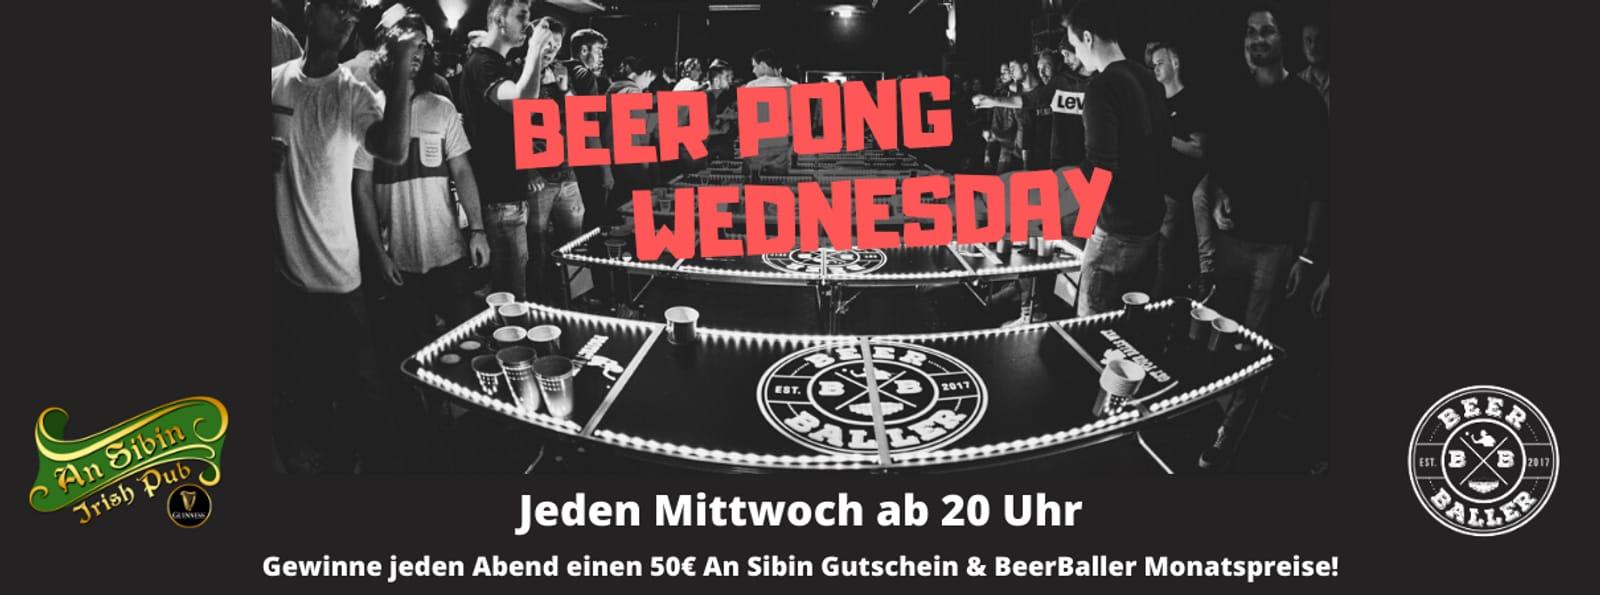 Beer Pong Darmstadt 11.03.20